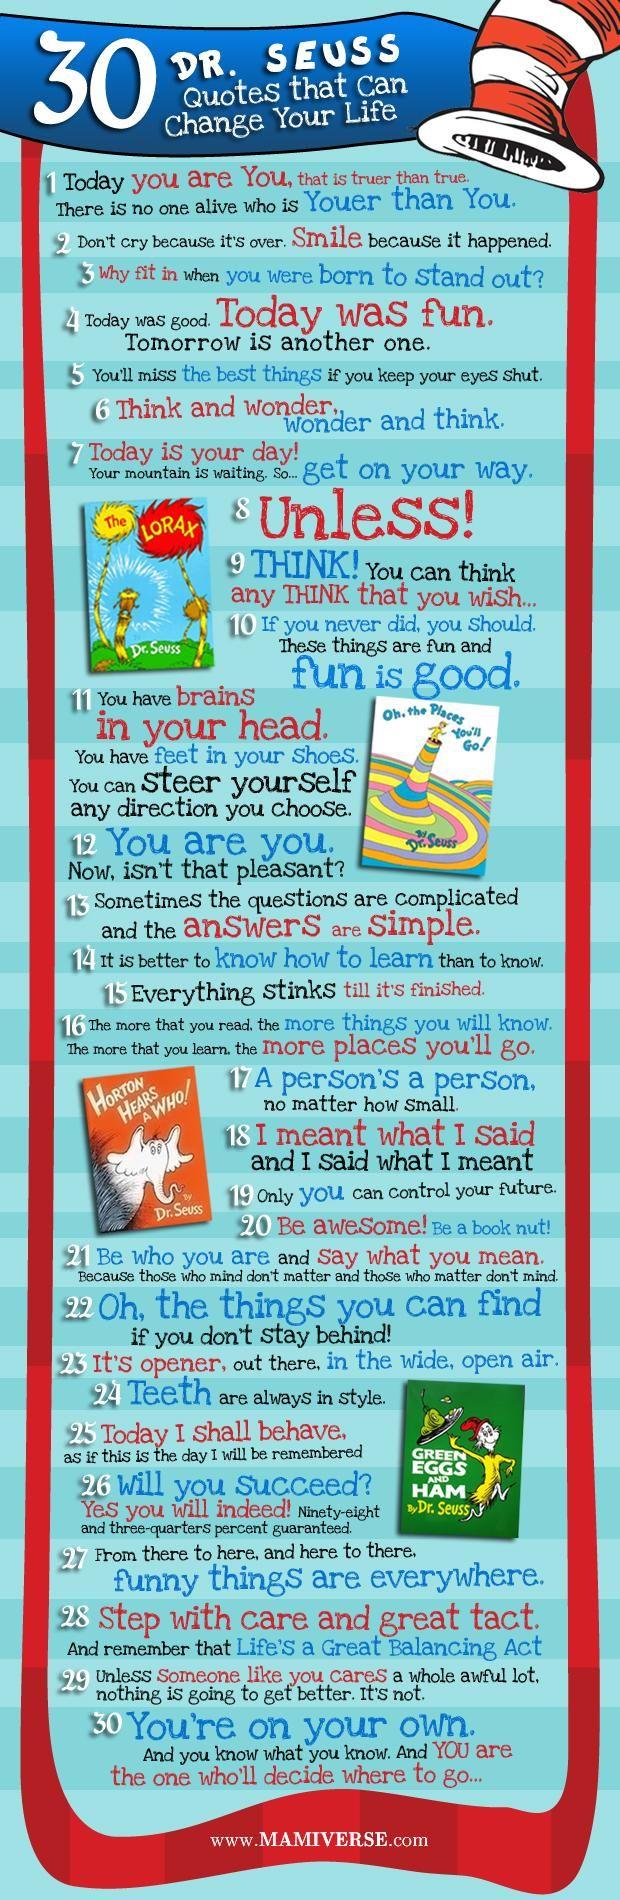 30 citations du Dr Seuss *mode guimauve* - Paperblog